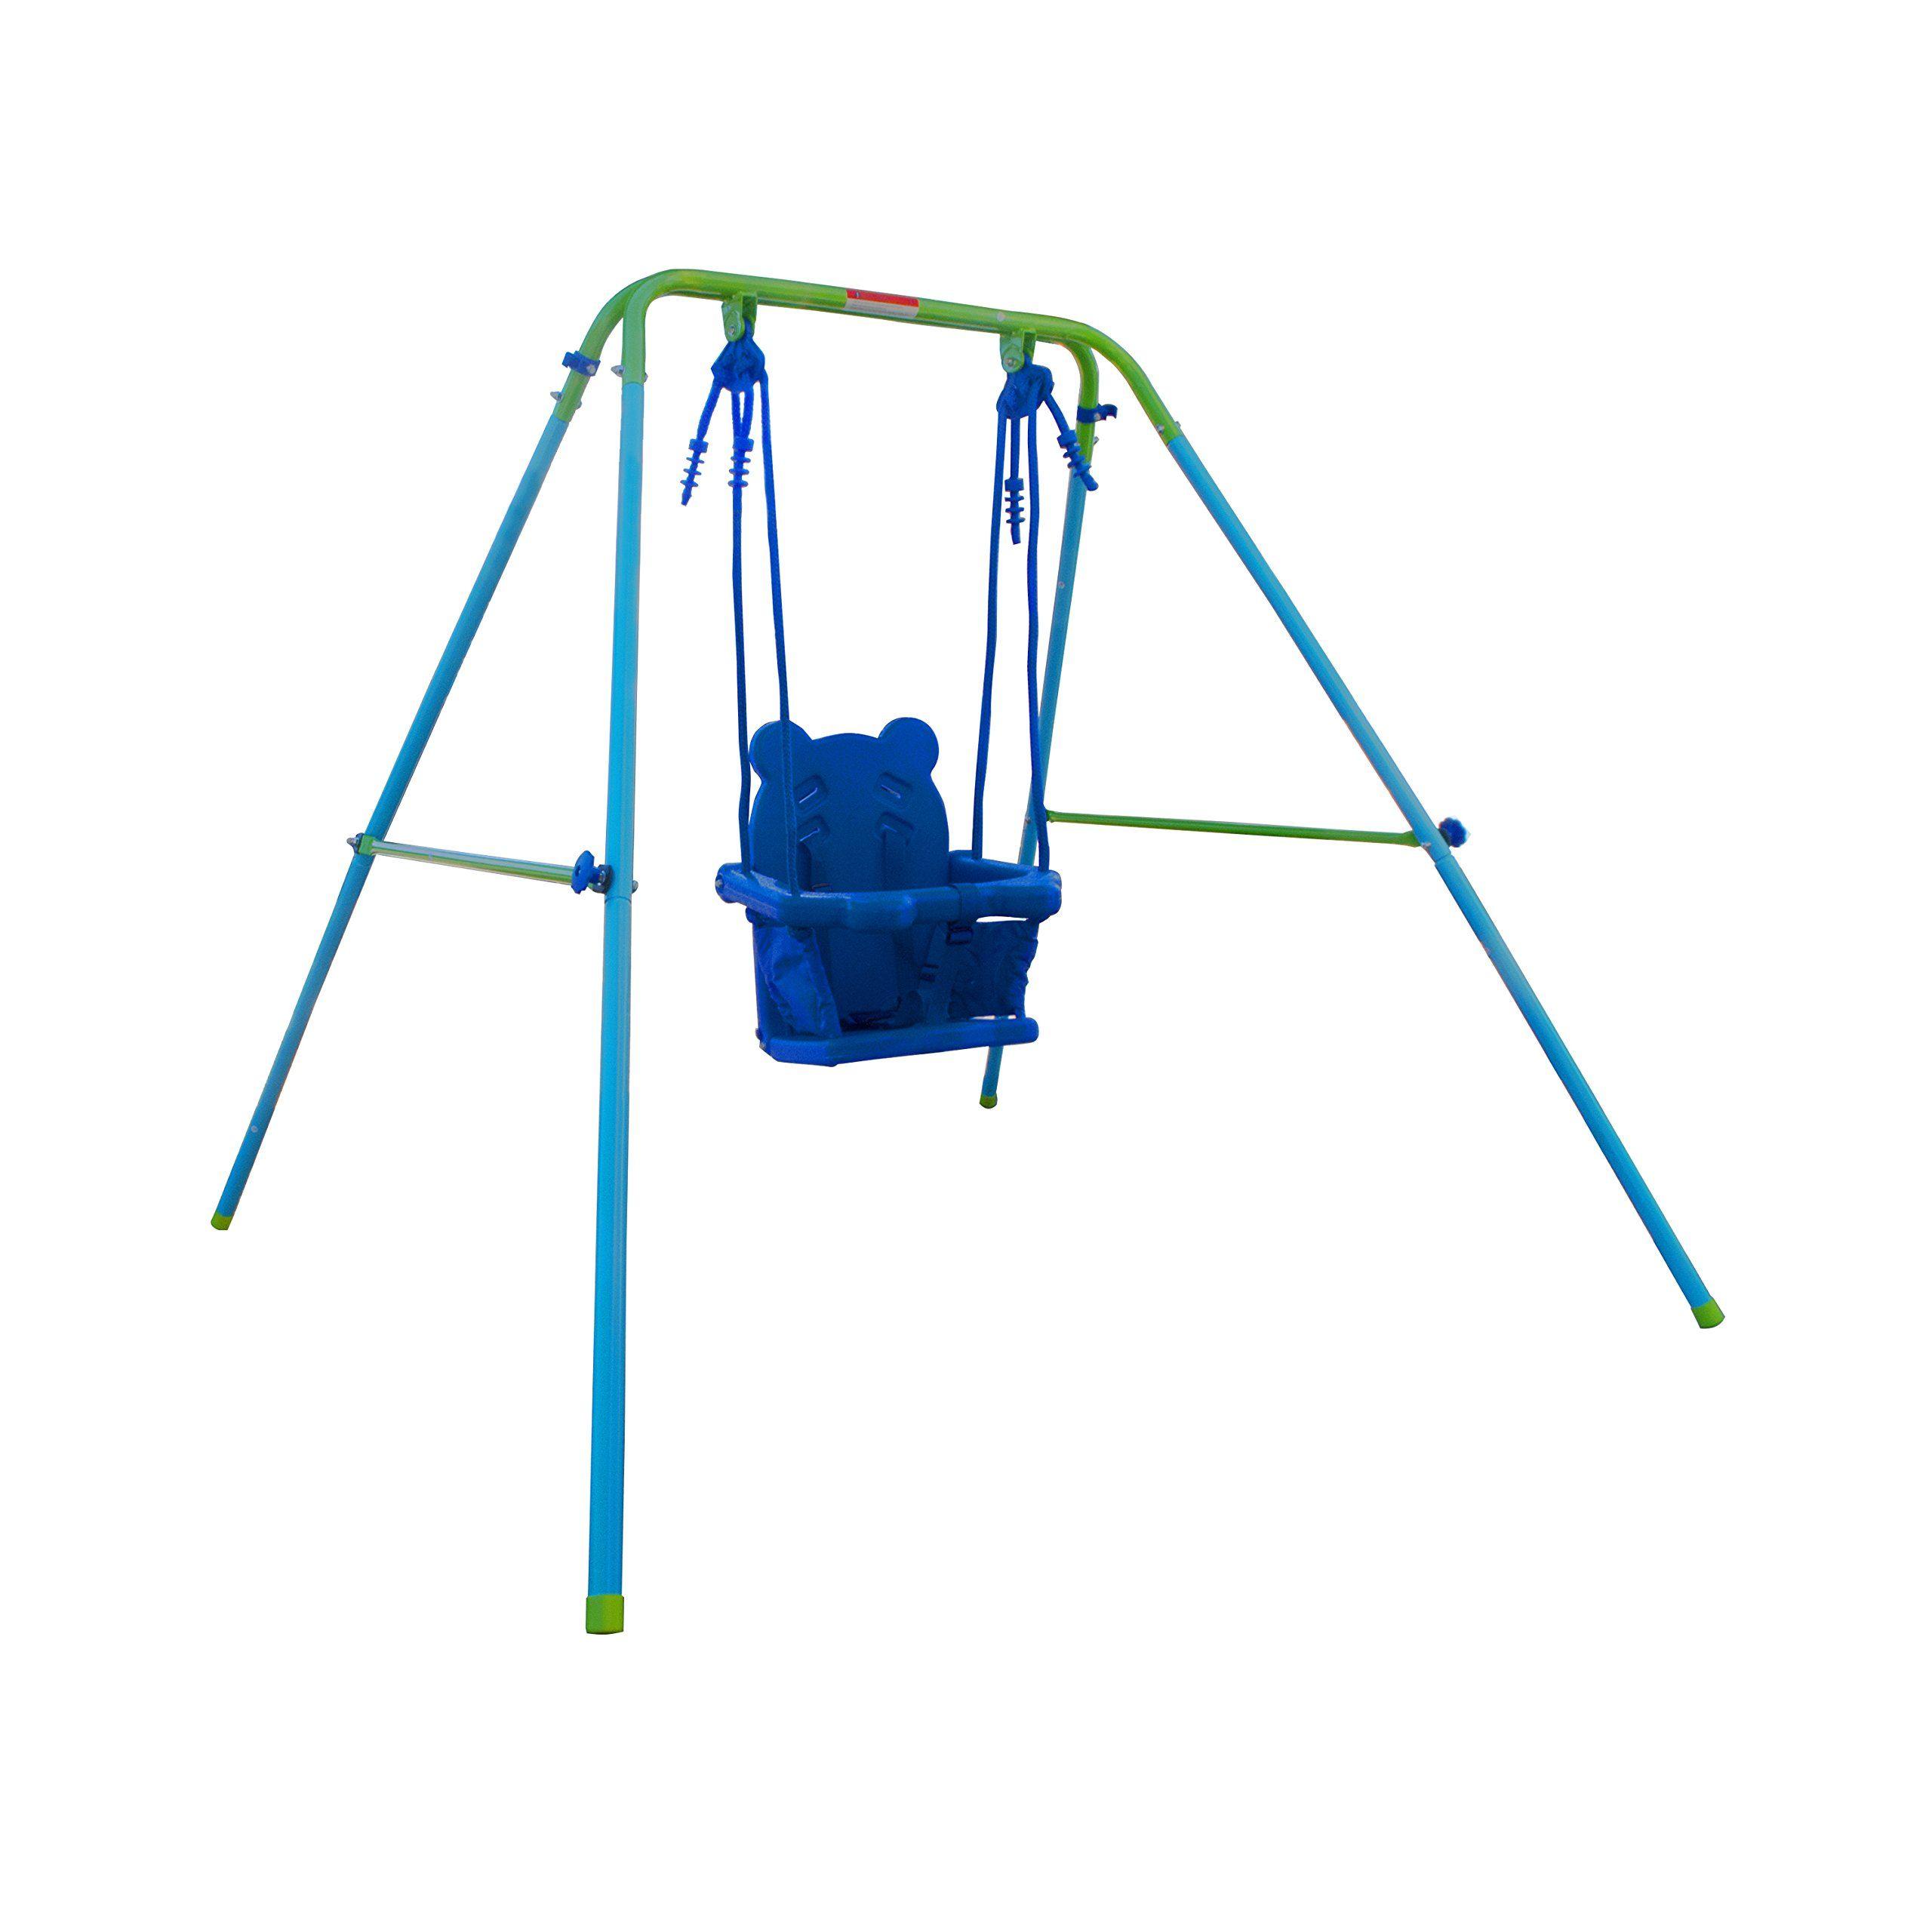 ALEKO BSW02 Toddler Baby Swing Portable Indoor Outdoor Folding ...